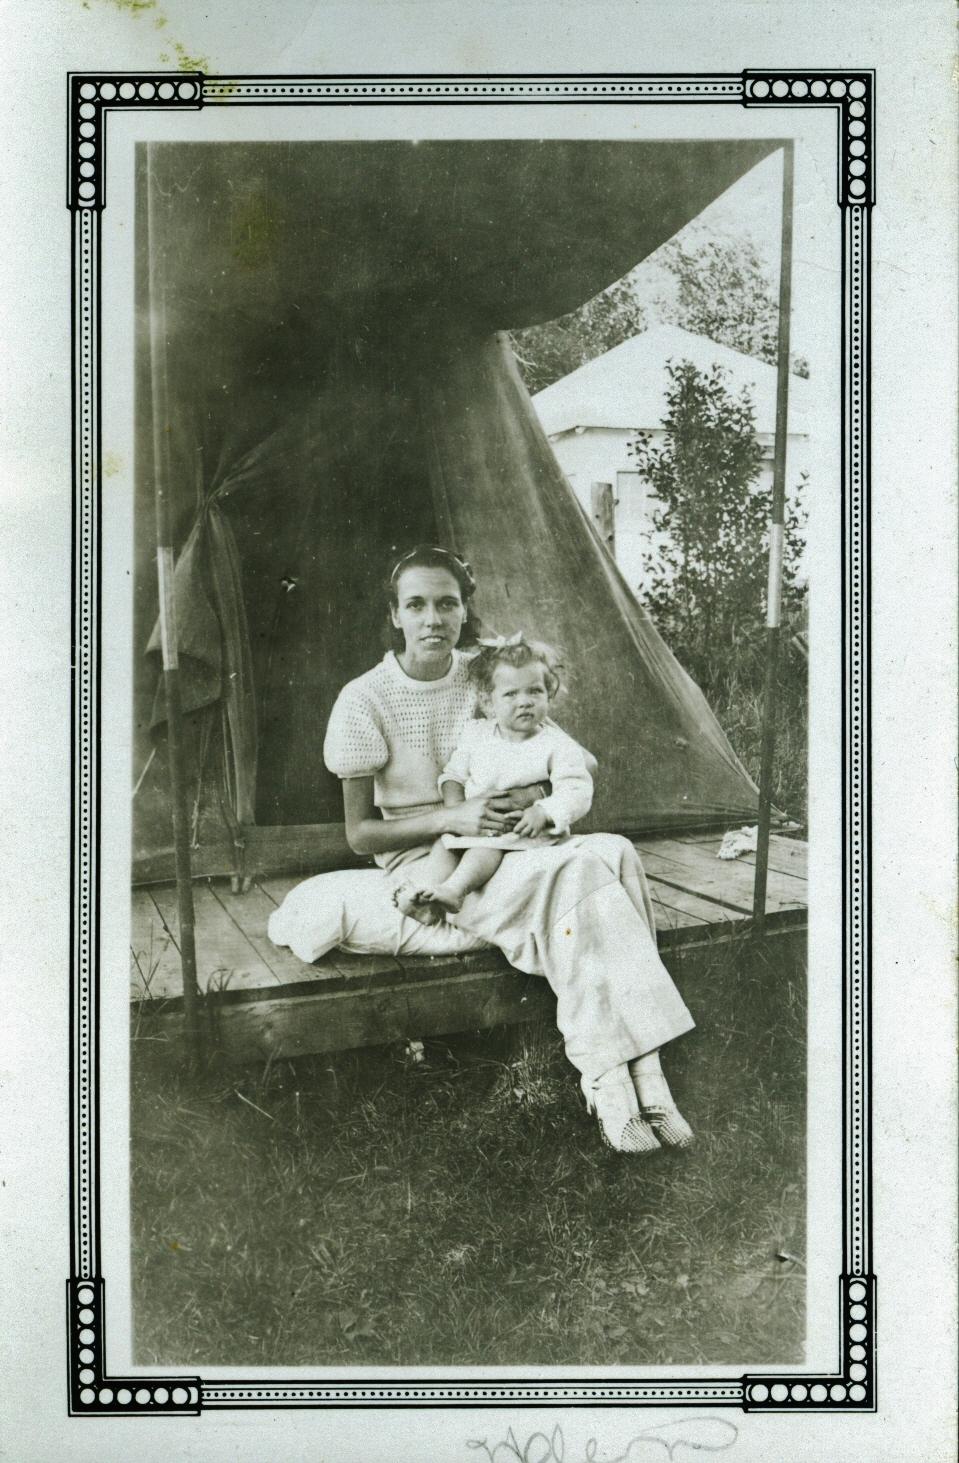 Helen Gaffney (Jones) and Sheilagh H. Corrigan, circa 1934 (Sheilagh was born in 1933